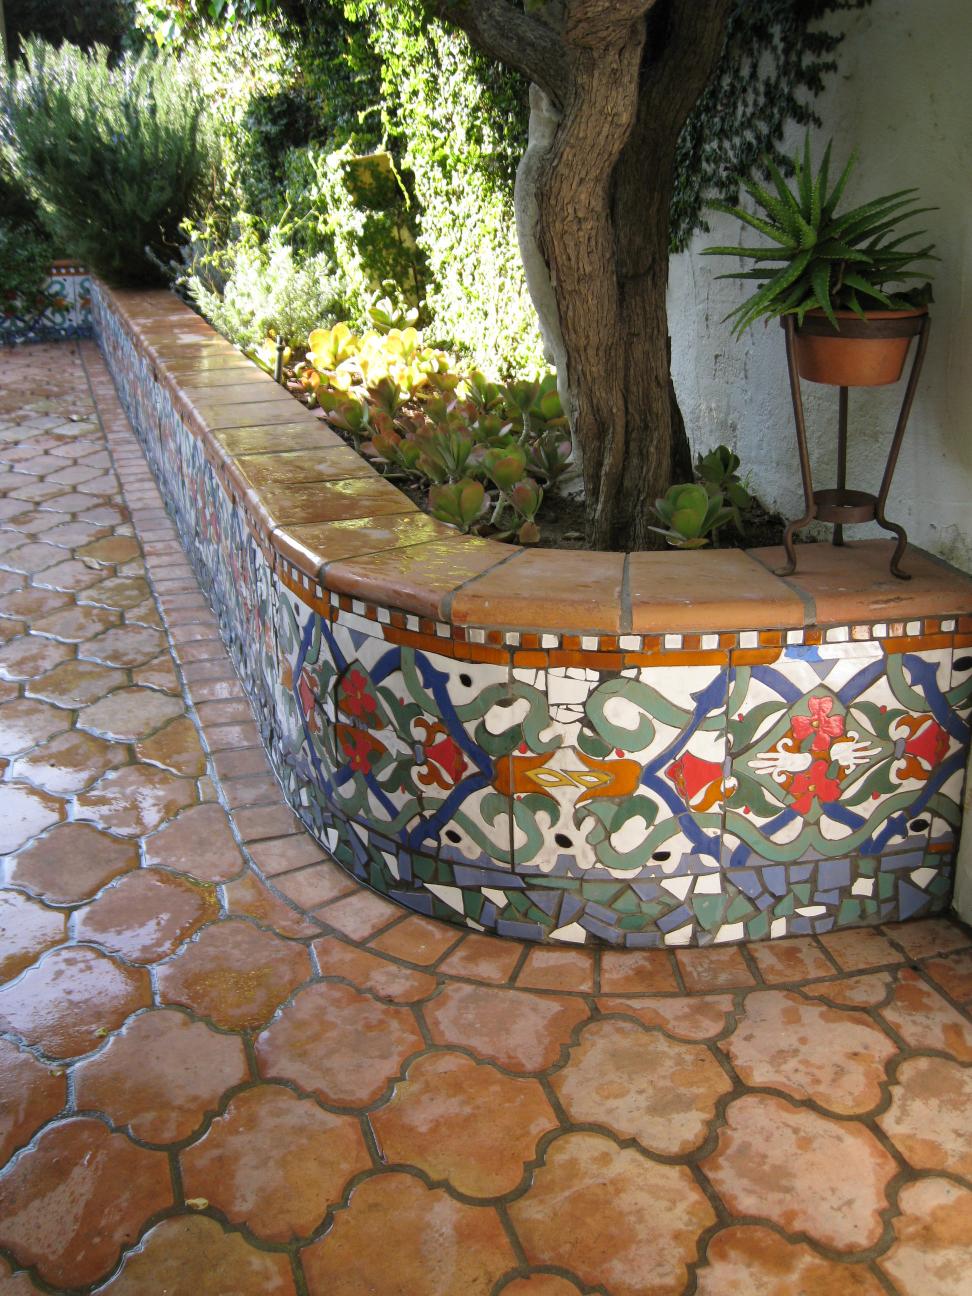 Jard n mexicano decorado con talavera jardin pinterest for Patio decorado